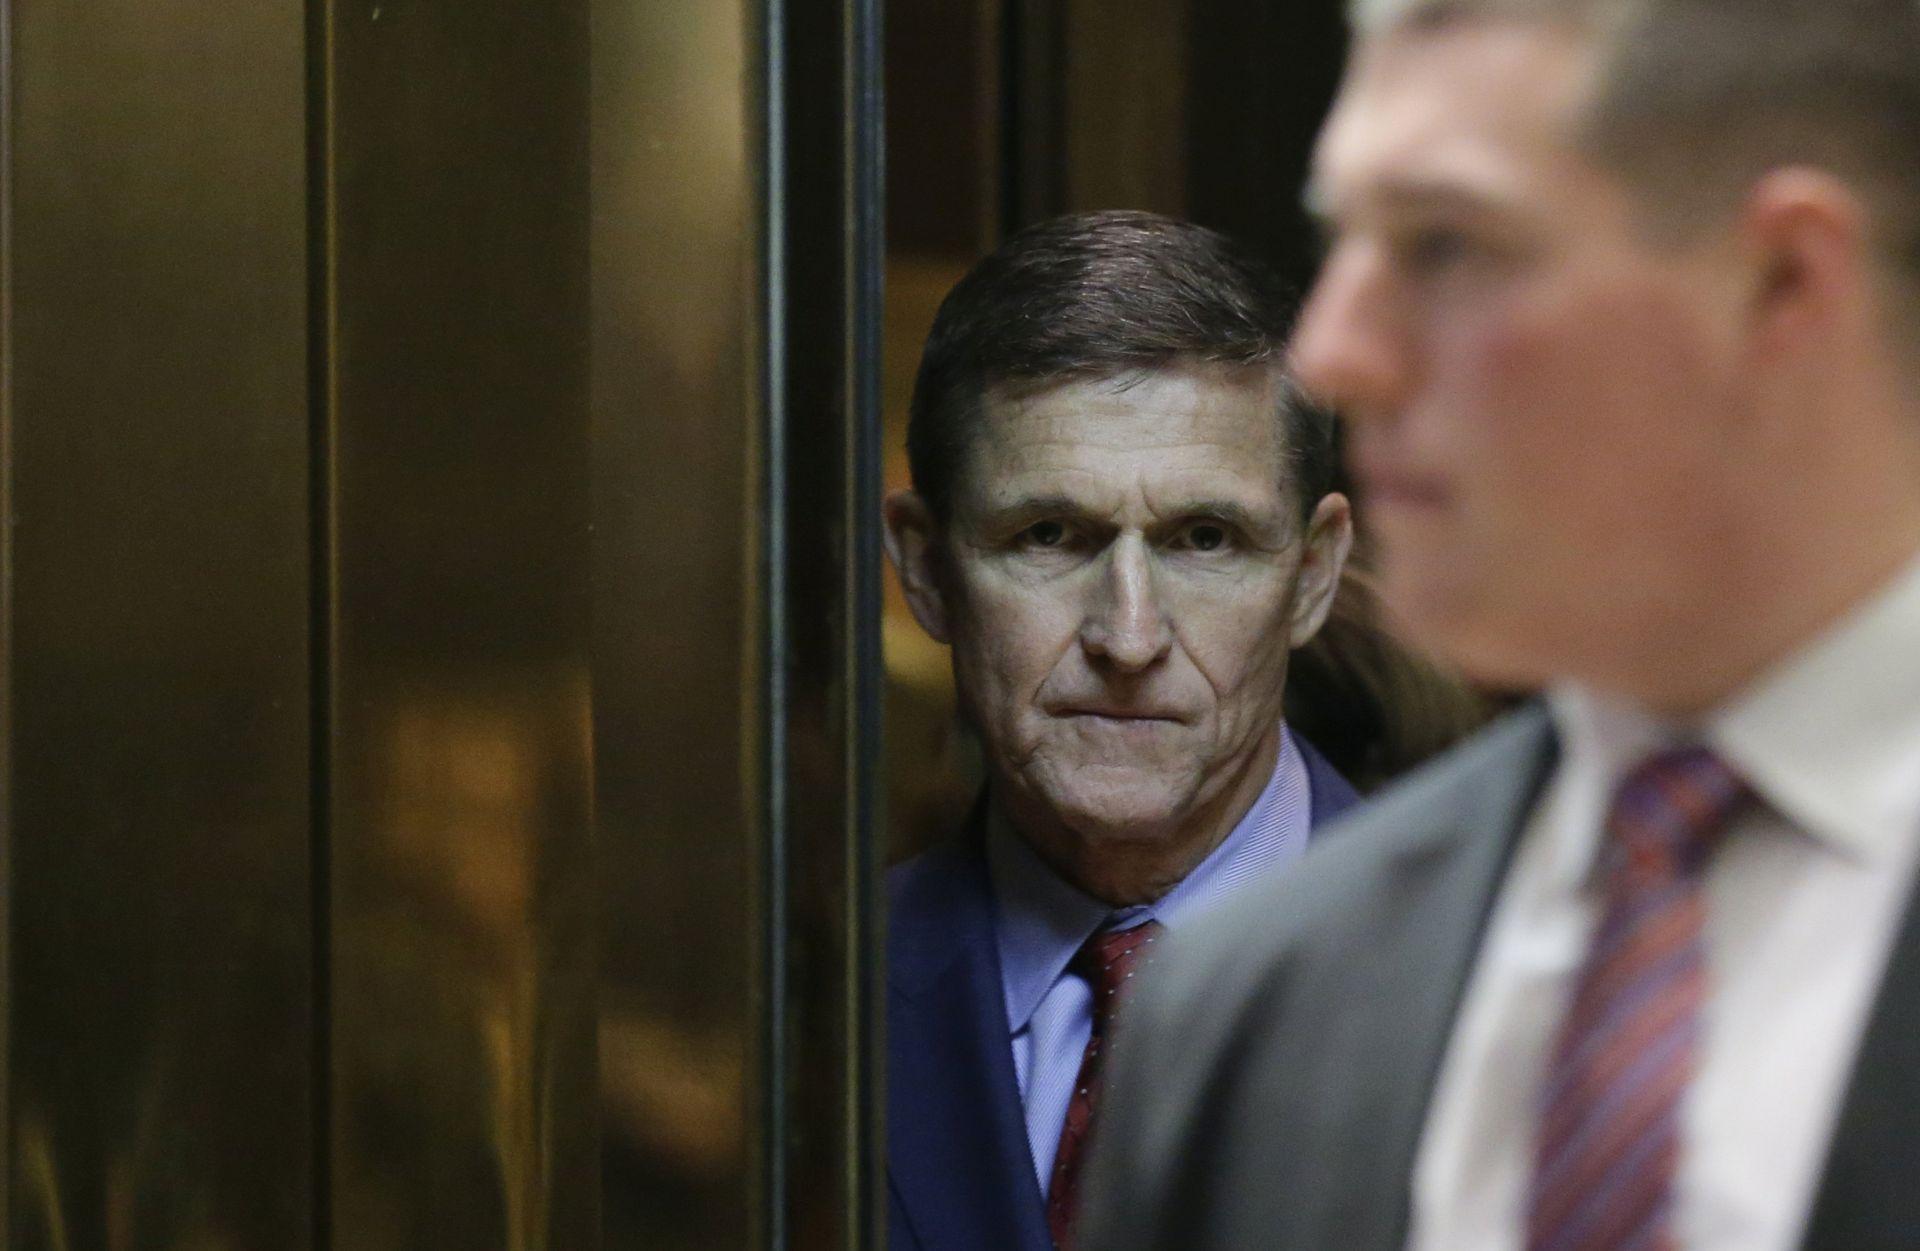 NAJVEĆI SKANDAL OTKAKO JE DONALD TRUMP IZABRAN ZA PREDSJEDNIKA SAD-A Savjetnik za nacionalnu sigurnost dao ostavku